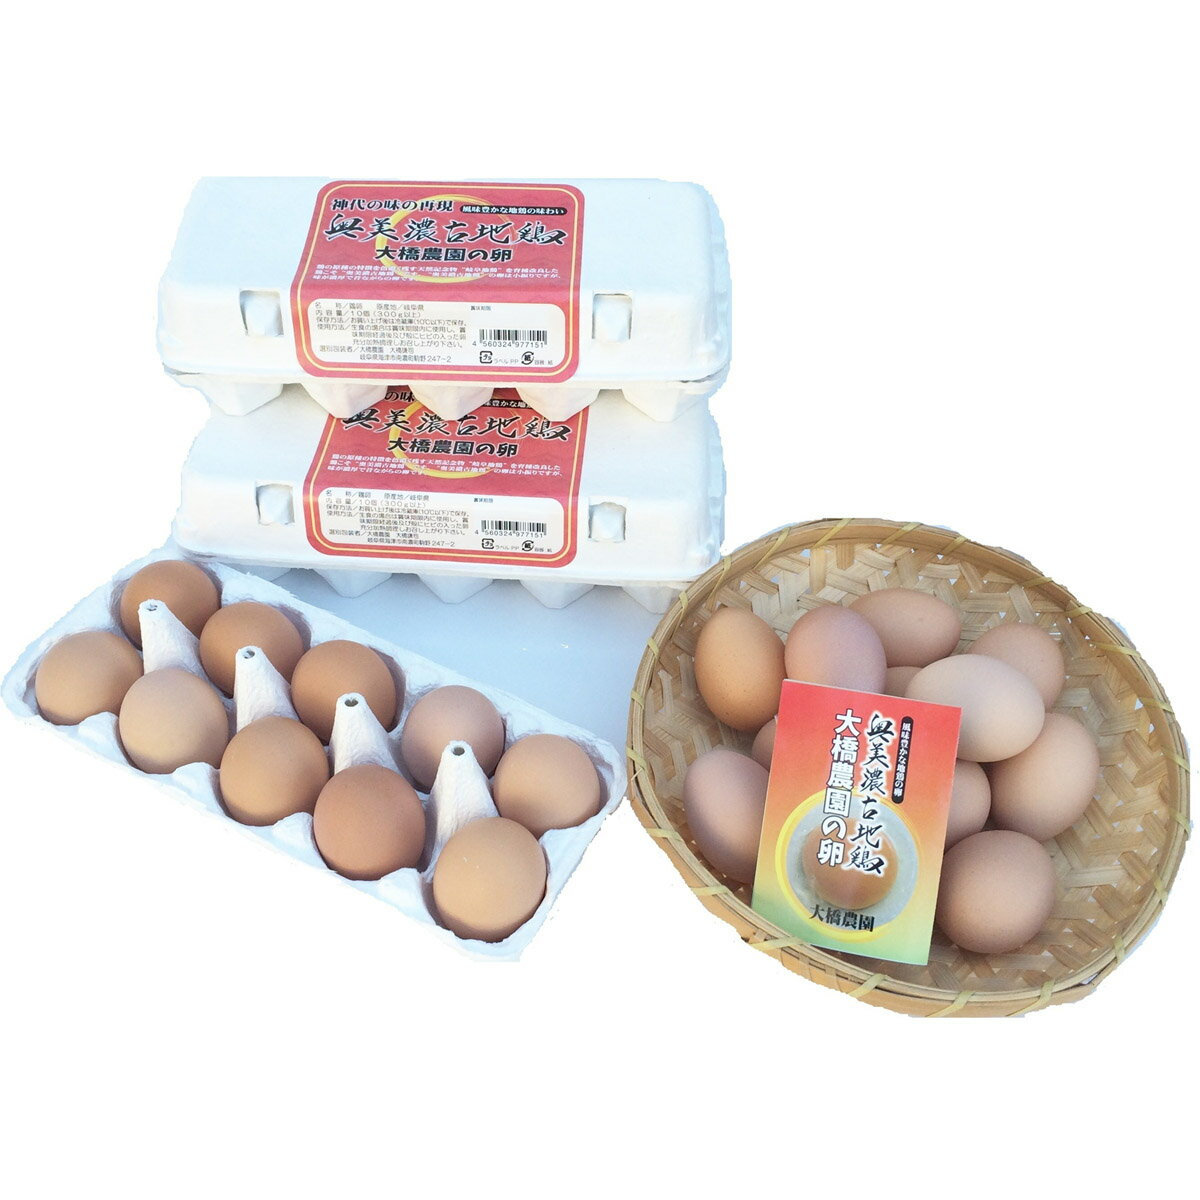 【ふるさと納税】奥美濃古地鶏 大橋農園の卵